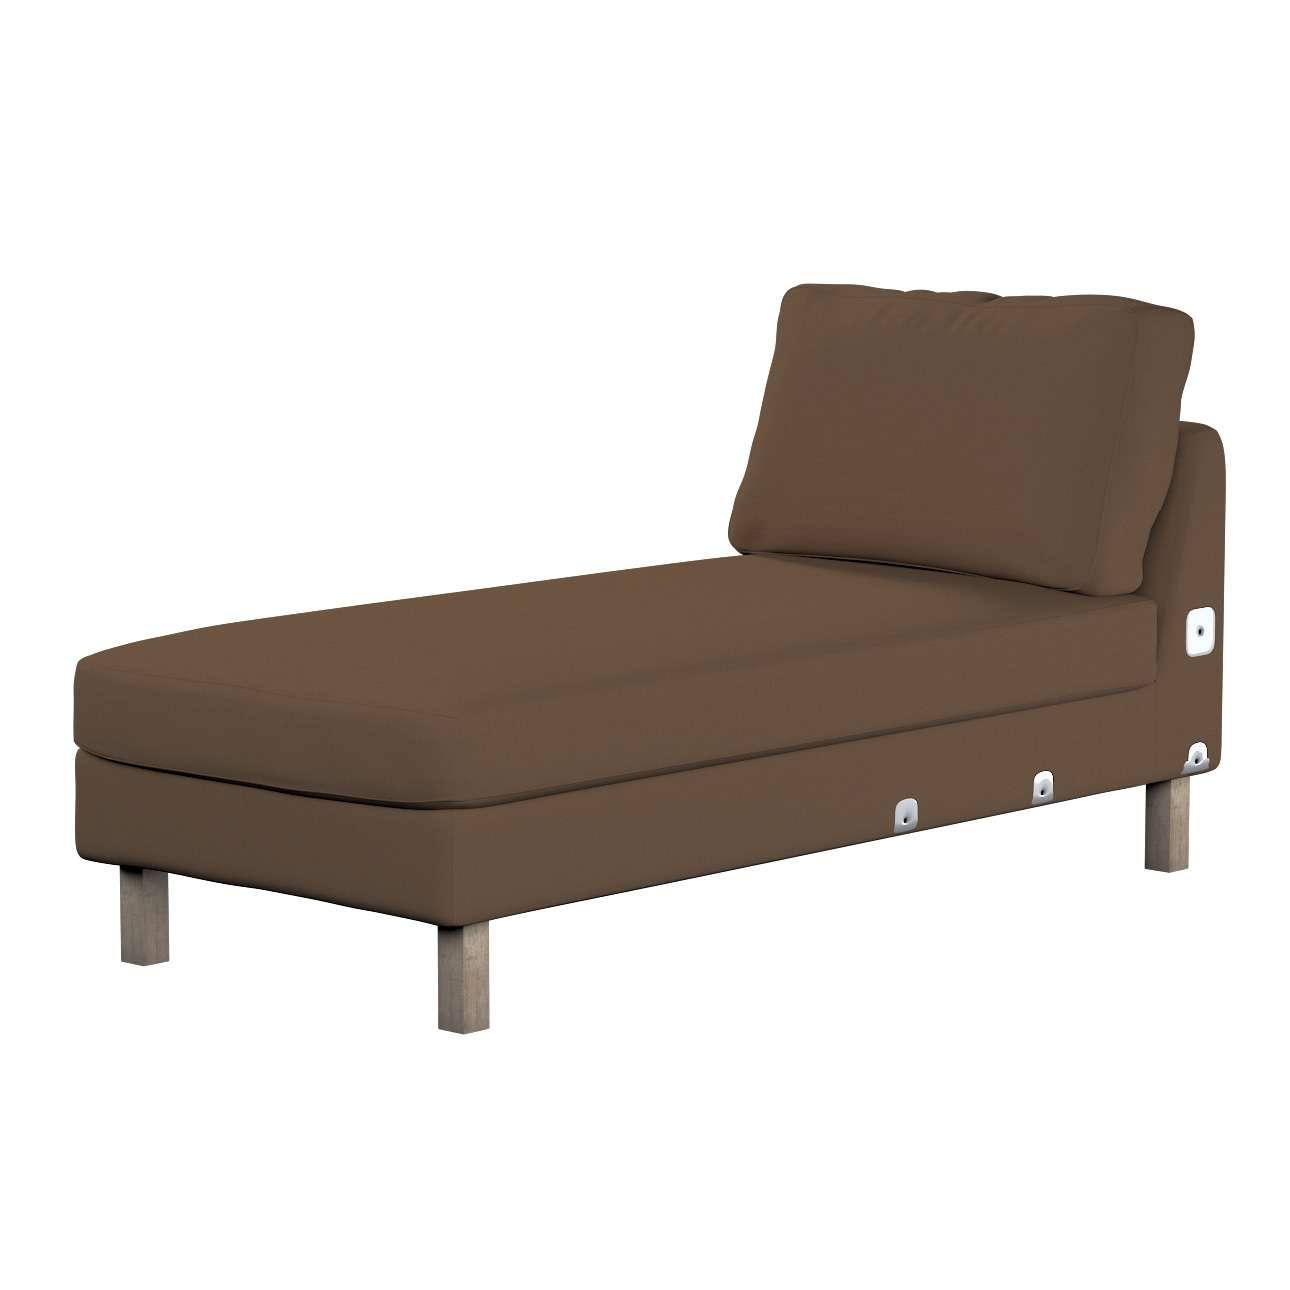 KARSLTAD sofos gulimojo krėslo užvalkalas Karlstad add-on unit cover kolekcijoje Cotton Panama, audinys: 702-02